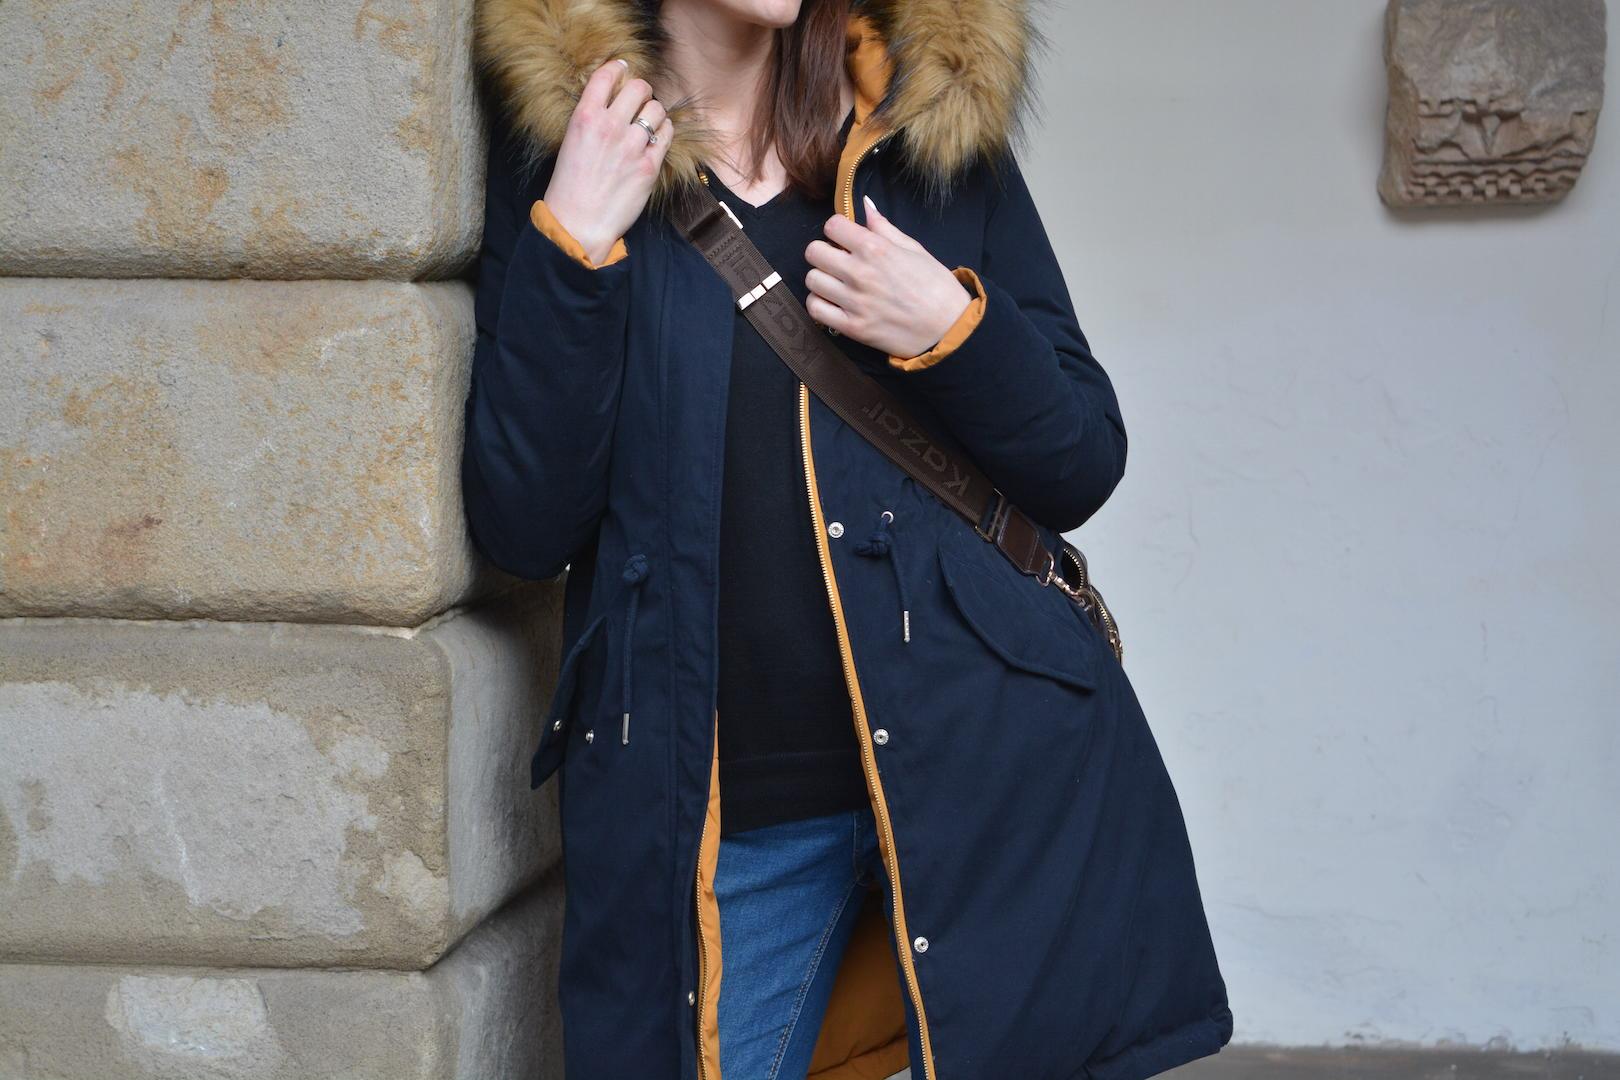 płaszcz zara, dwustronny płaszcz, torebka kazar, buty reebok, najpiękniejsze zimowe wspomnienia, zima, spacer, niepołomice, śnieg , zimowa stylizacja